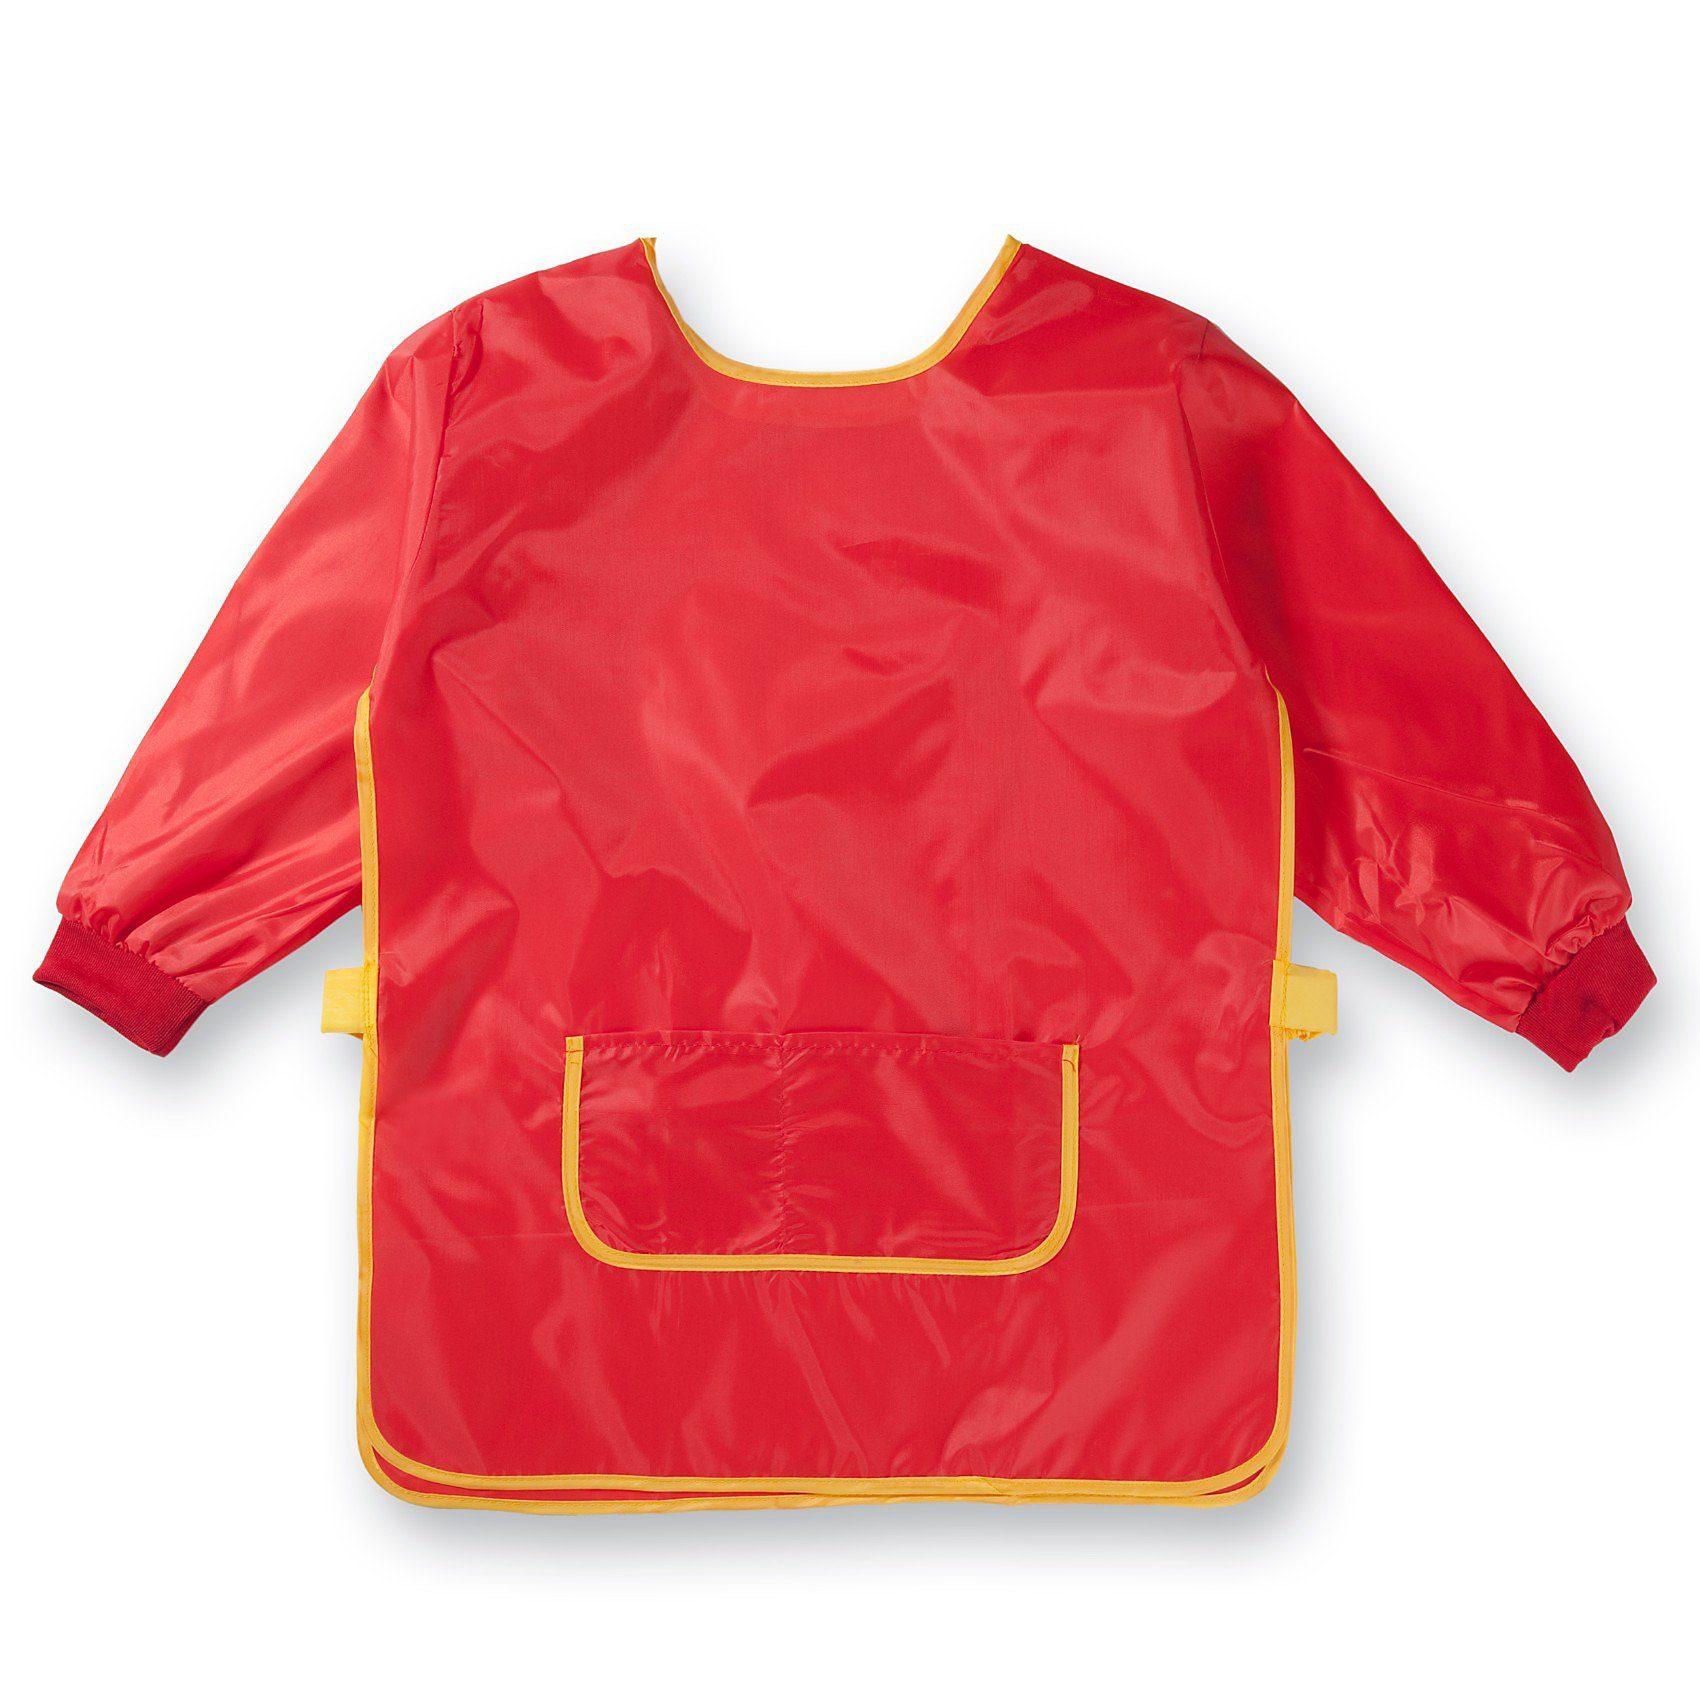 EDUPLAY Malkittel rot, Einheitsgröße online kaufen   OTTO